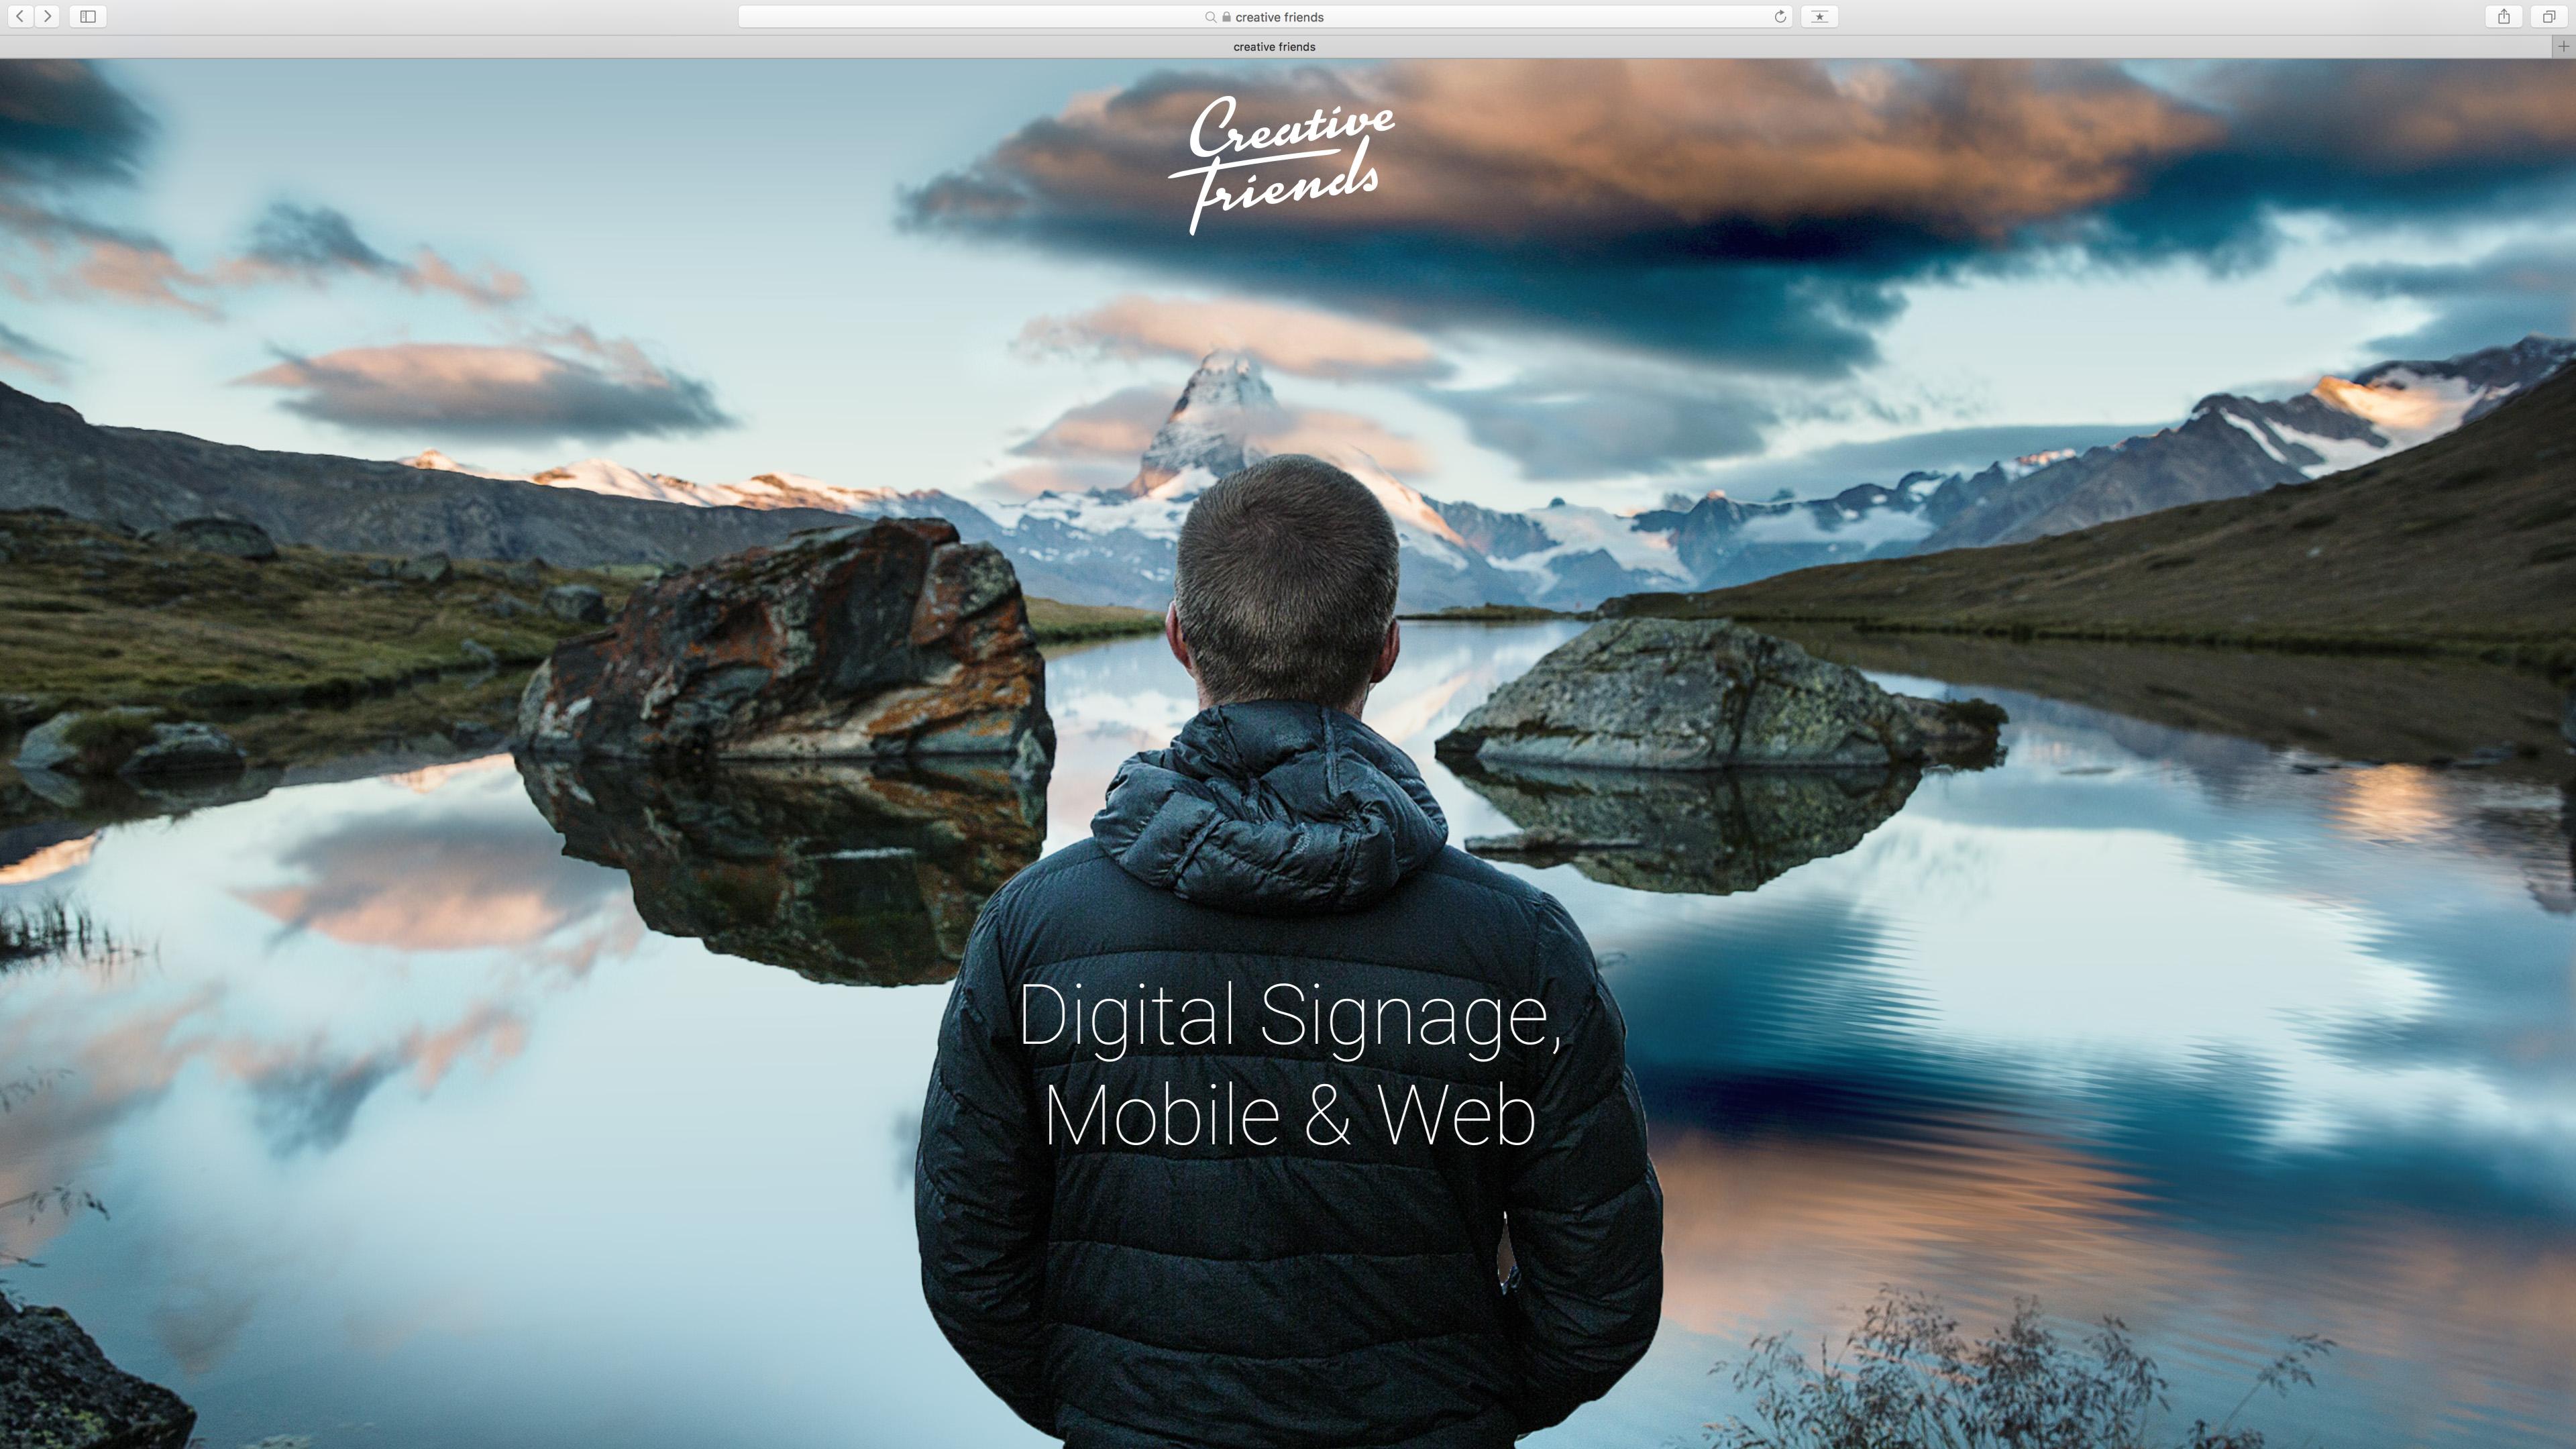 Creative Friends Intro Movie, Logo Animation, Motion Design, Sound Design, Animation, Michael Frei, Zurich